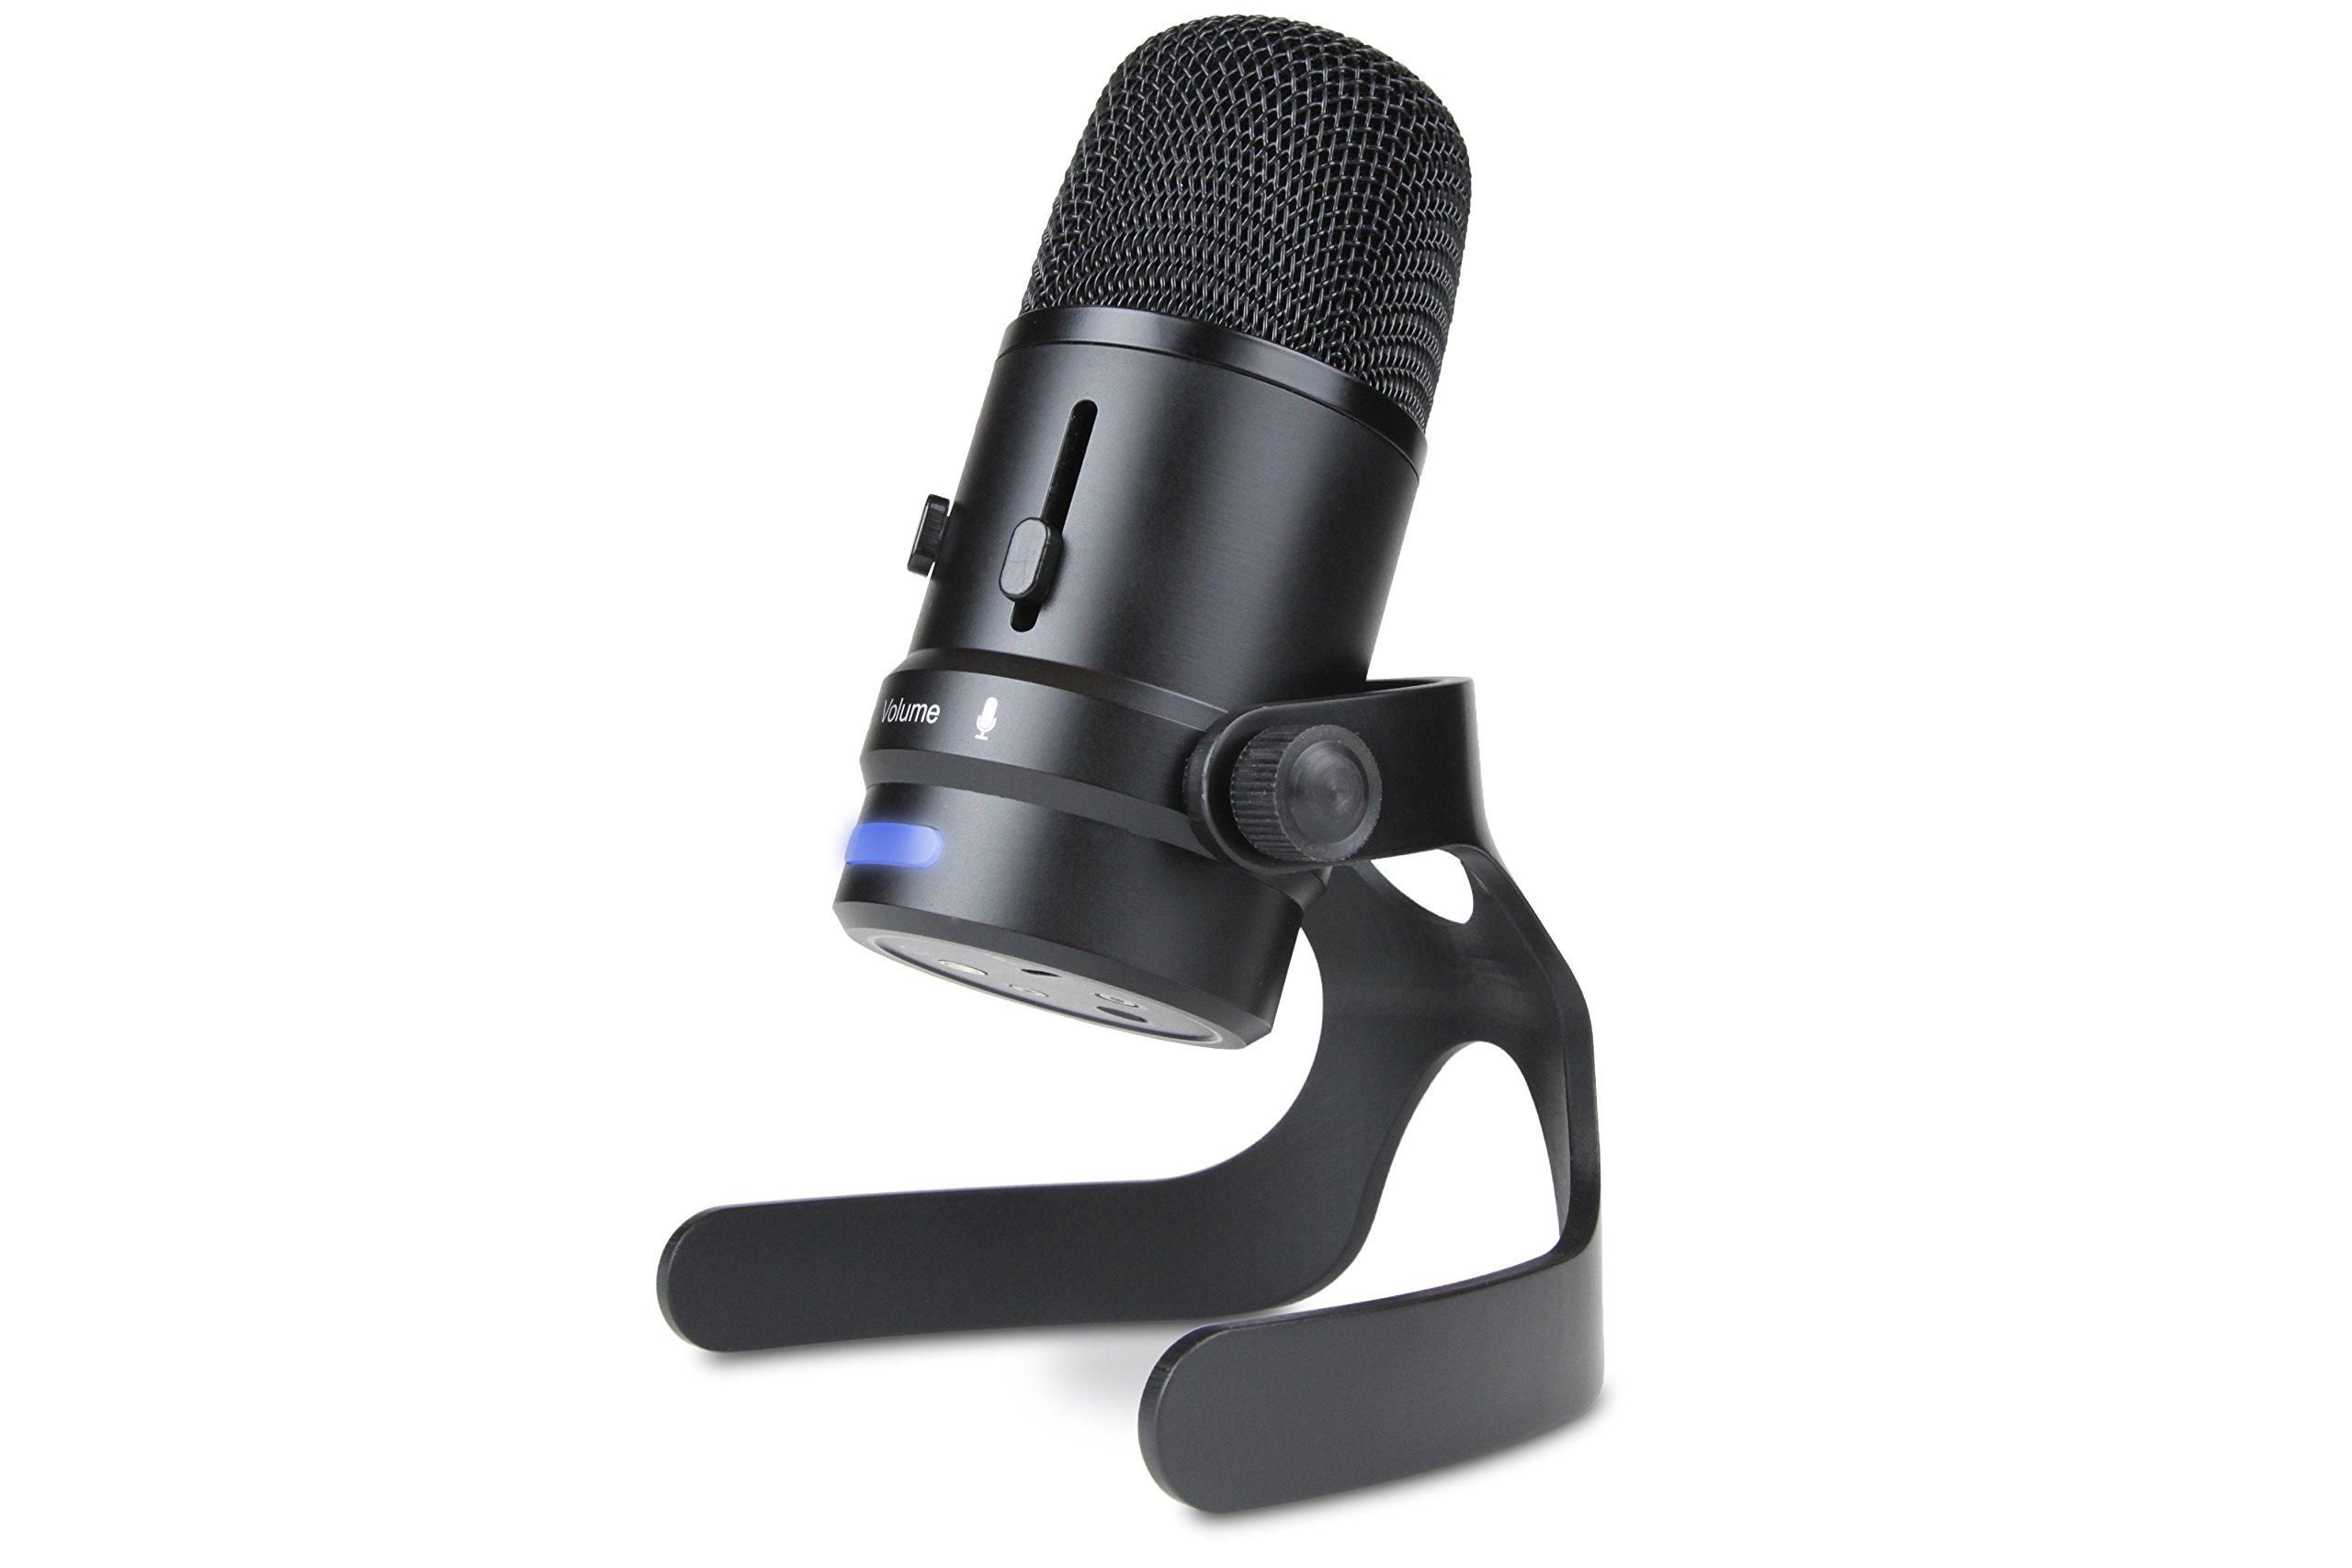 Micrófono USB (CVL-2004)